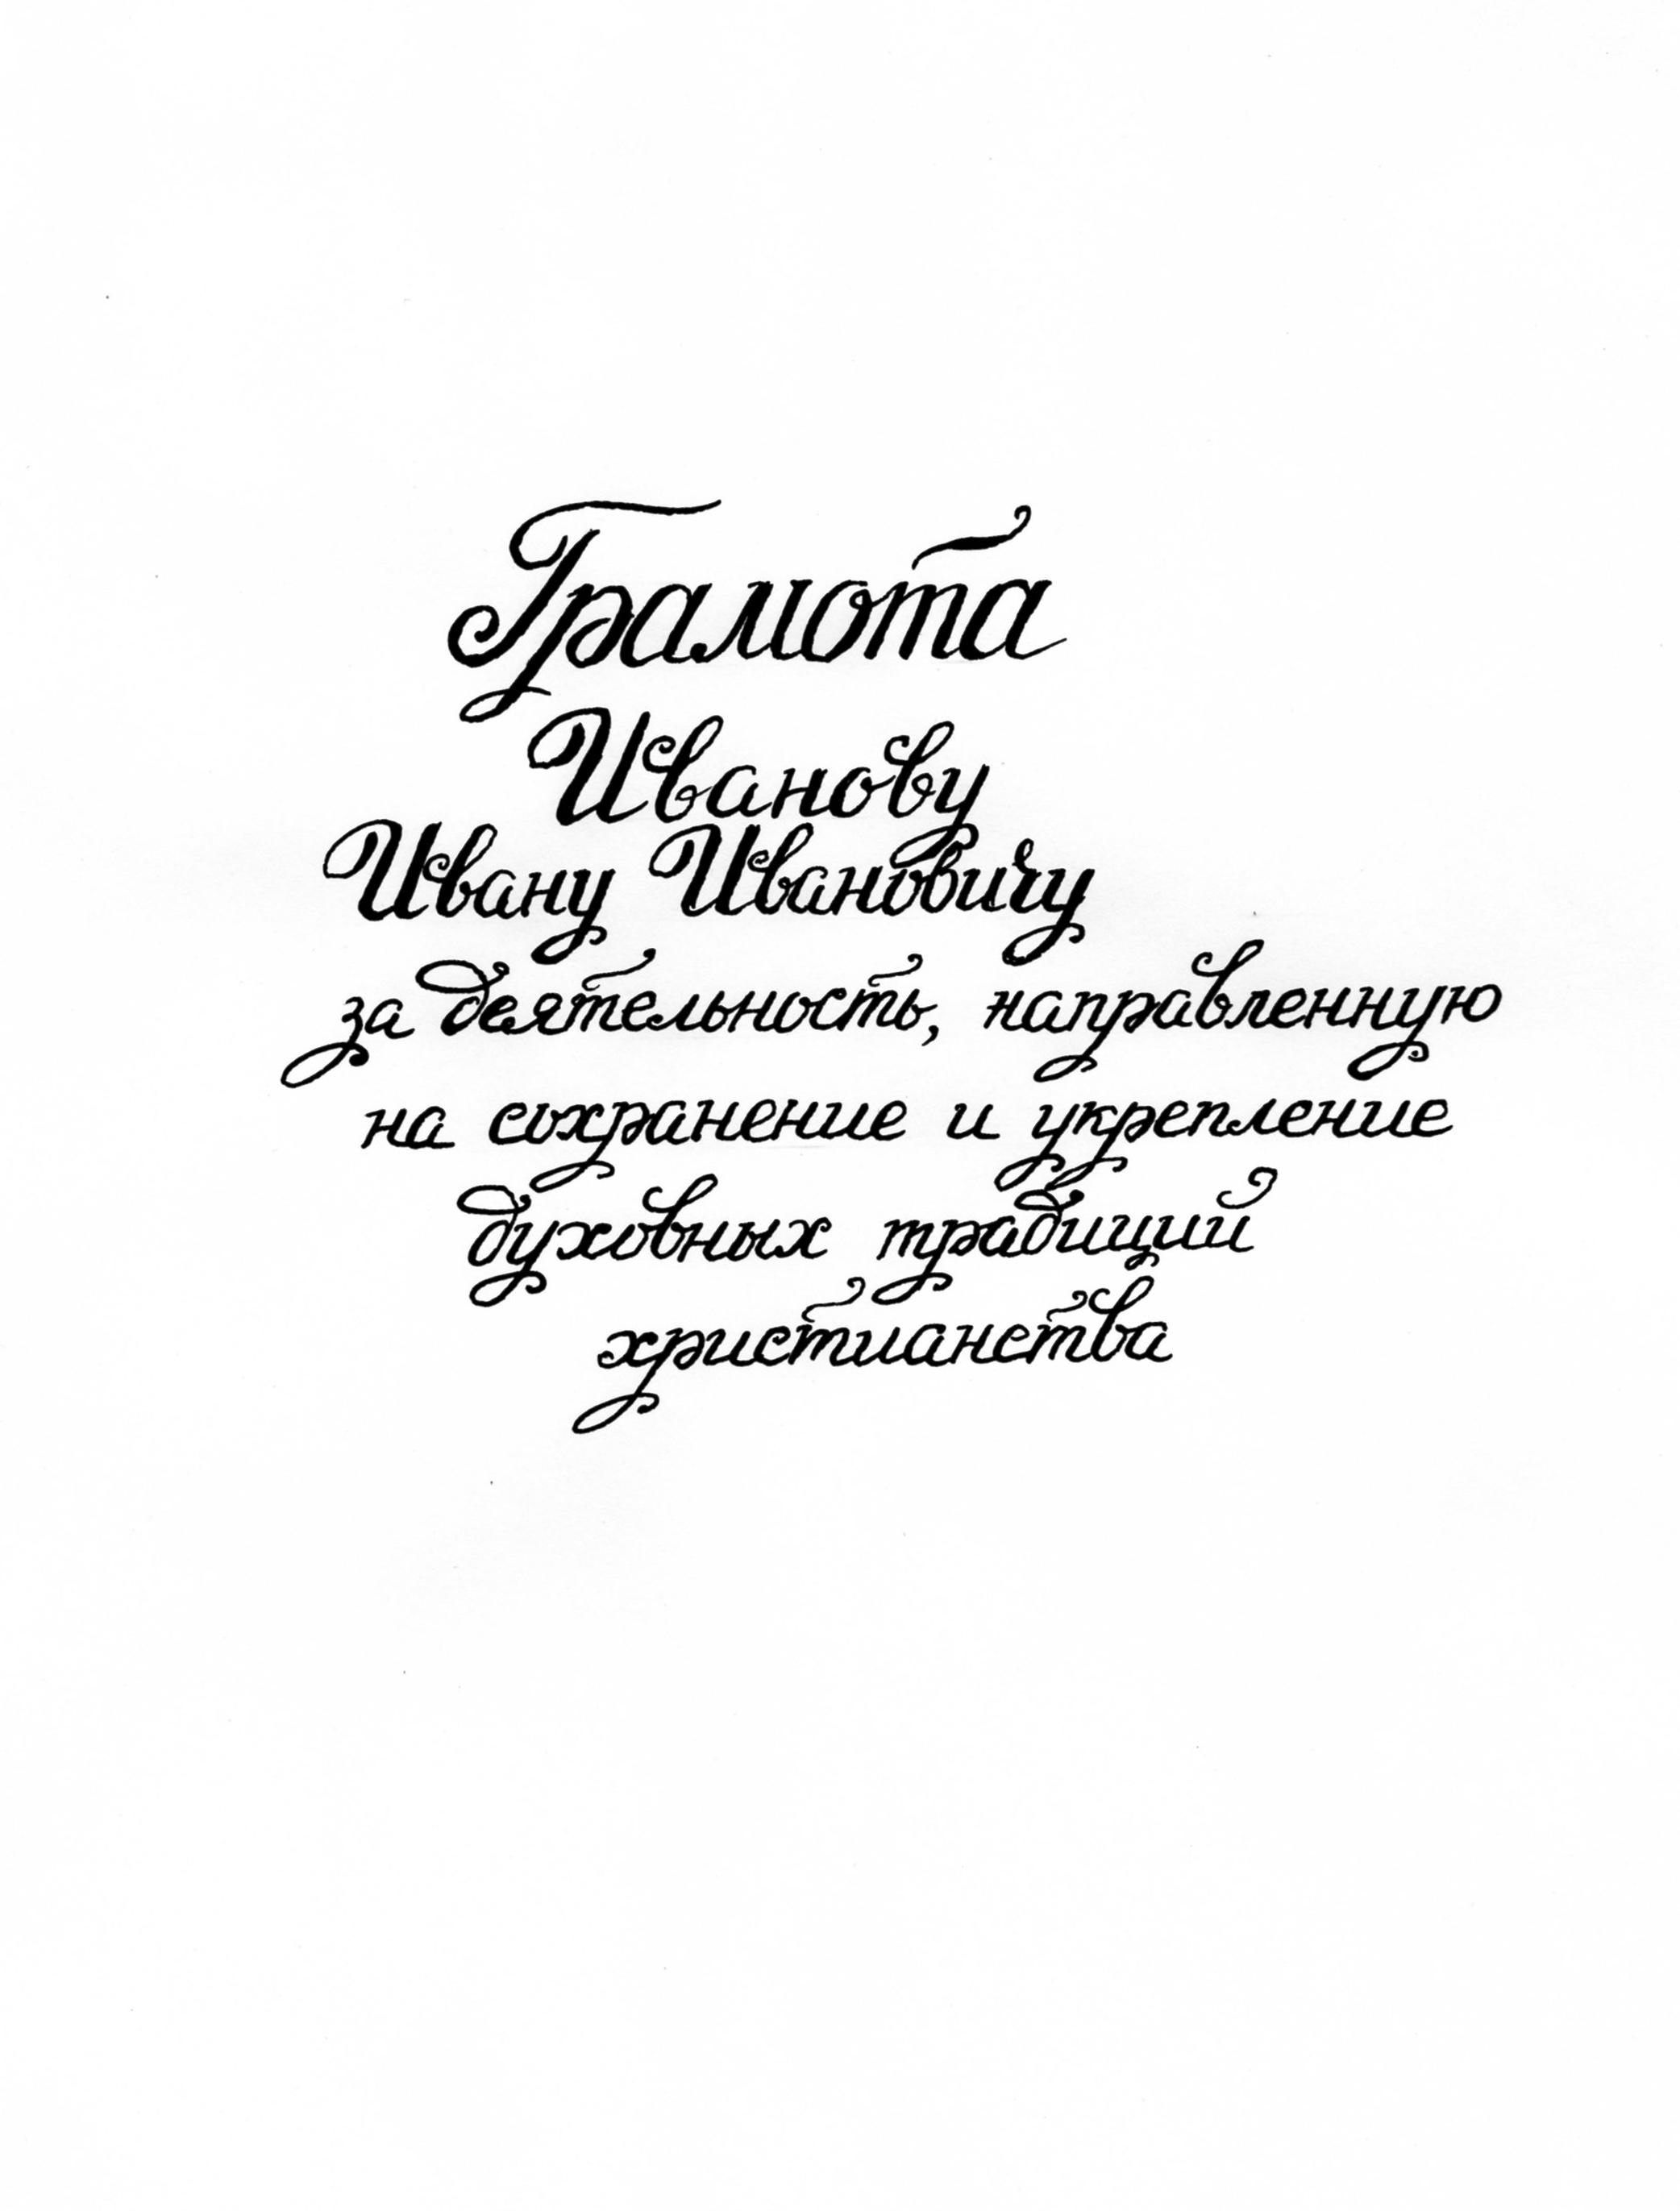 Оформление грамот Общества любителей русской словесности  фото f_500512f8c1b47544.jpg